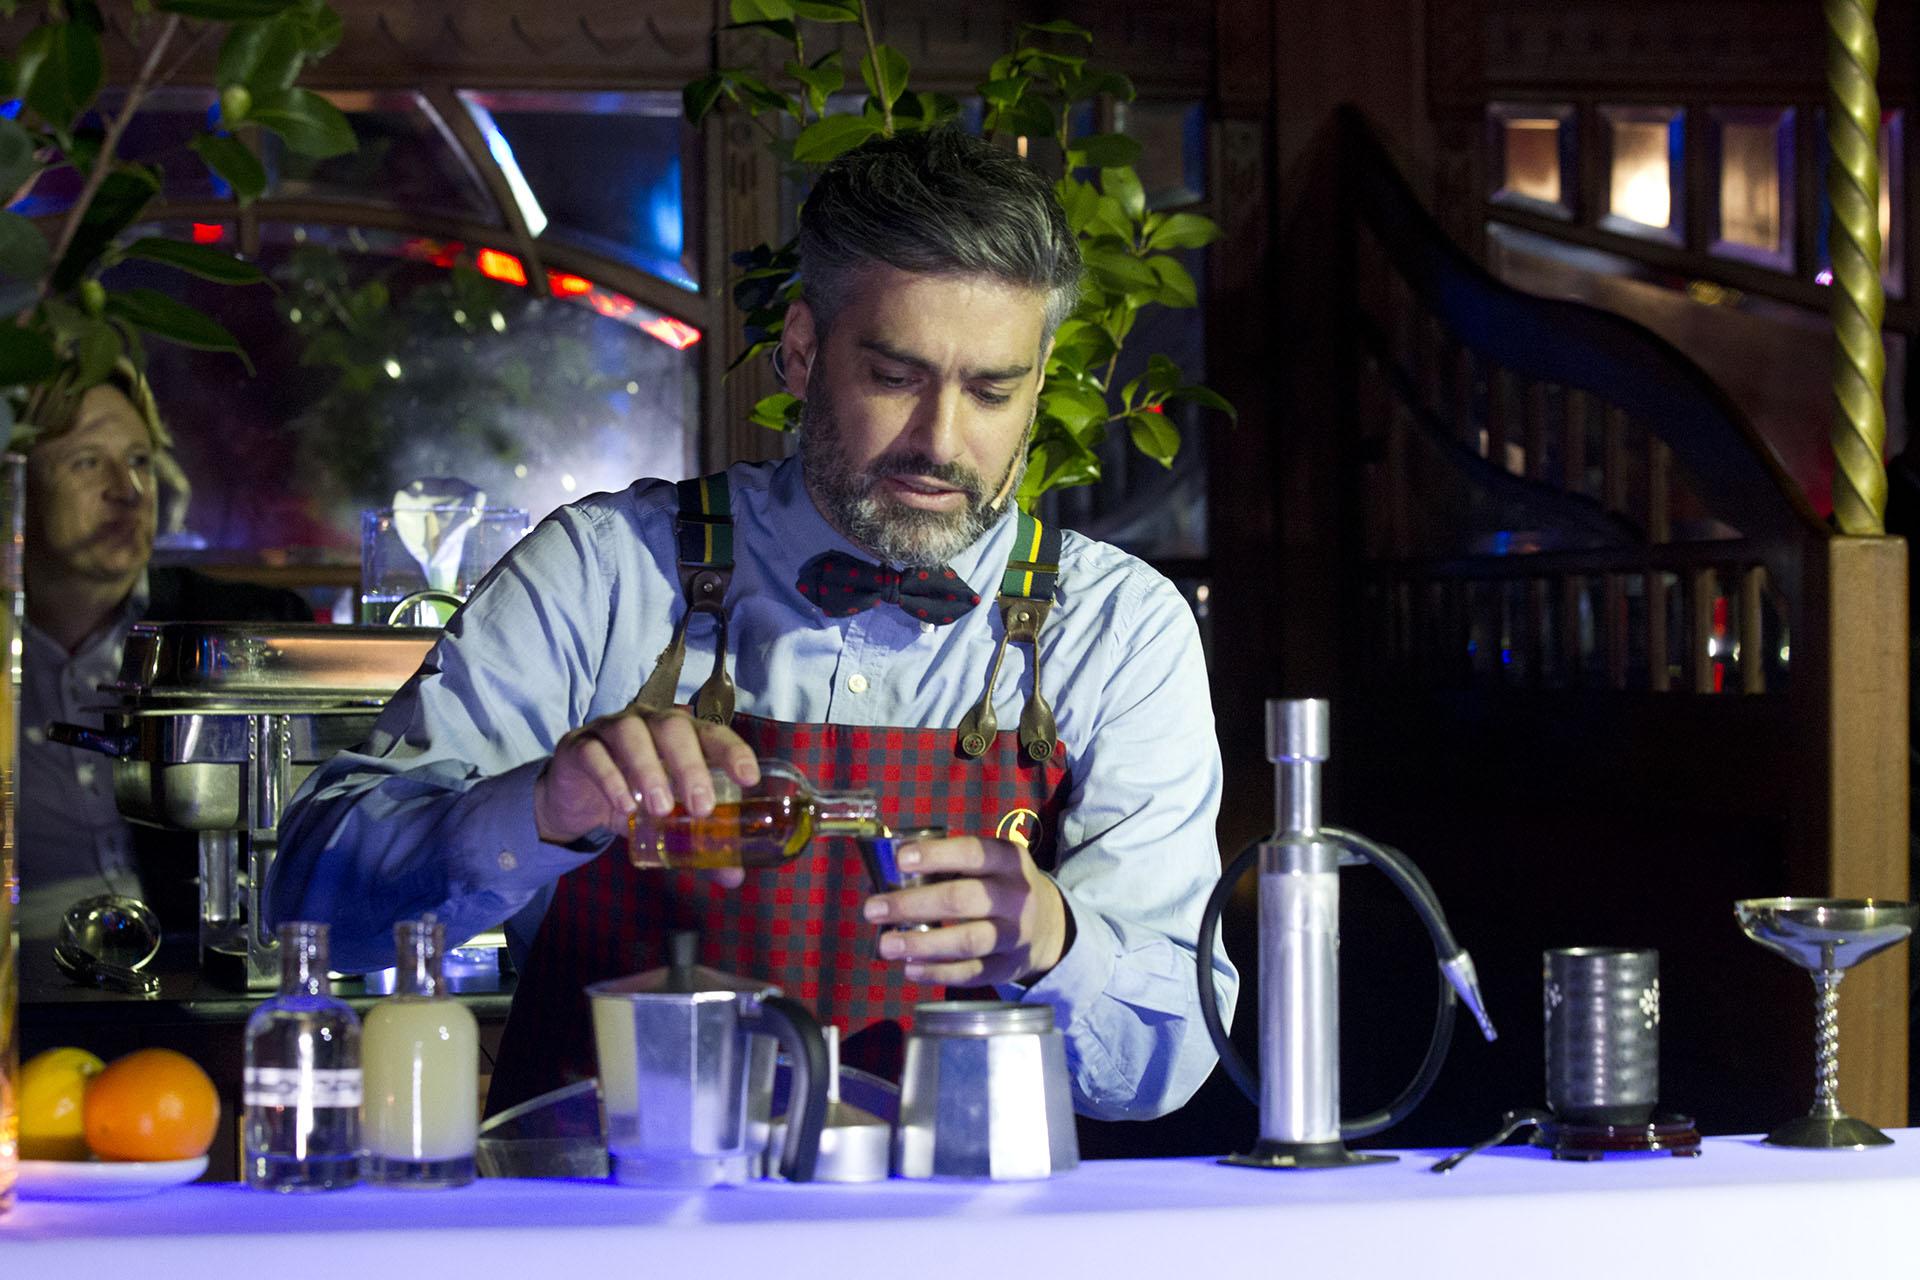 El bartender Diego Cabrera presentó el cóctel Mate, hecho con yerba de Misiones, manzanas de la Patagonia, gelatina de vino malbec de Mendoza y aromas de la cordillera. Todo un recorrido por el país en un solo trago.